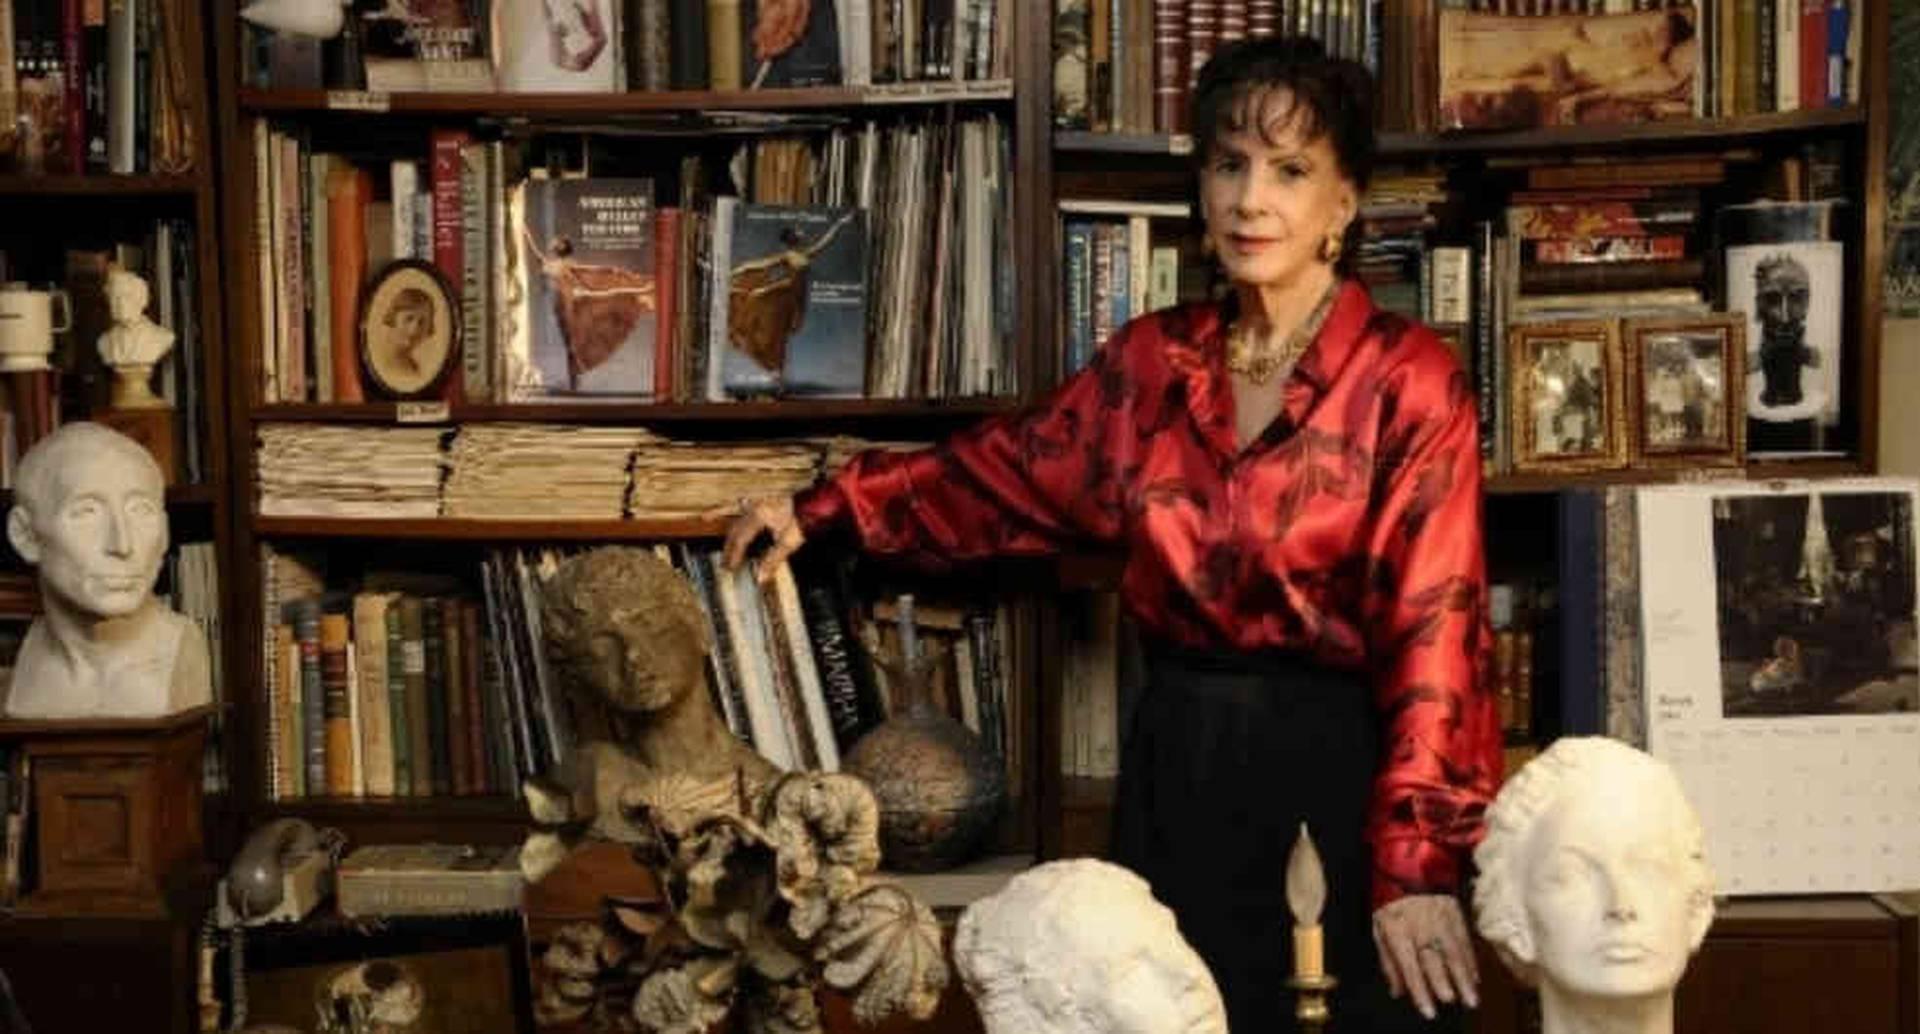 La poeta antioqueña Olga Elena Mattei ganó el premio de literatura Poestate. Foto: John Alexánder Chica / periódico El Mundo.